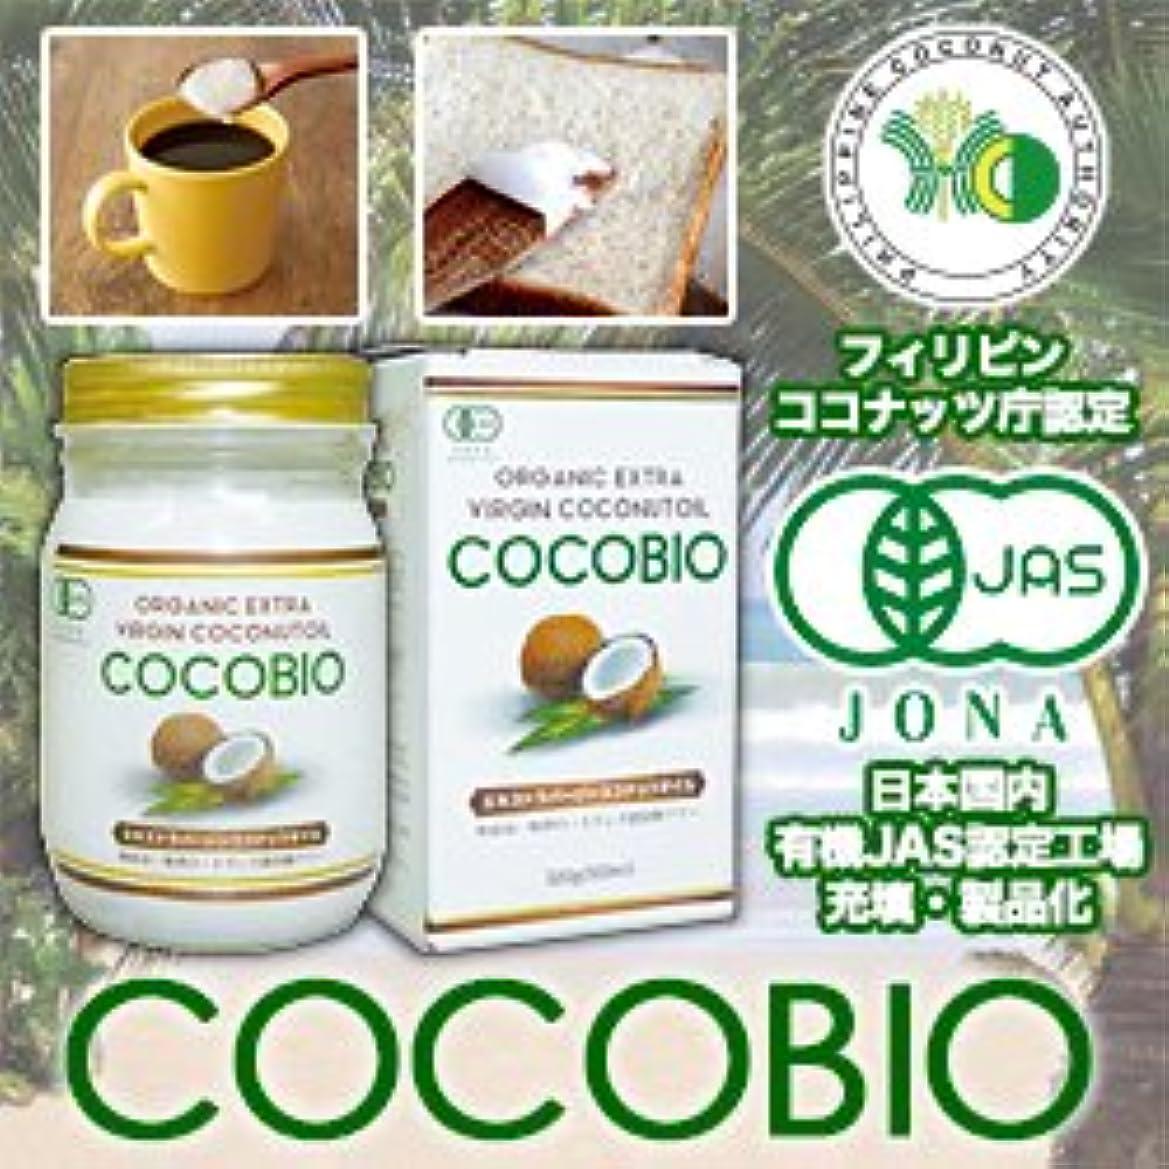 ヒューズ人工非効率的な【特殊栄養食品研究所】【有機ココナッツオイル】 ココビオ(COCOBIO) 320g [350ml] ×20個セット